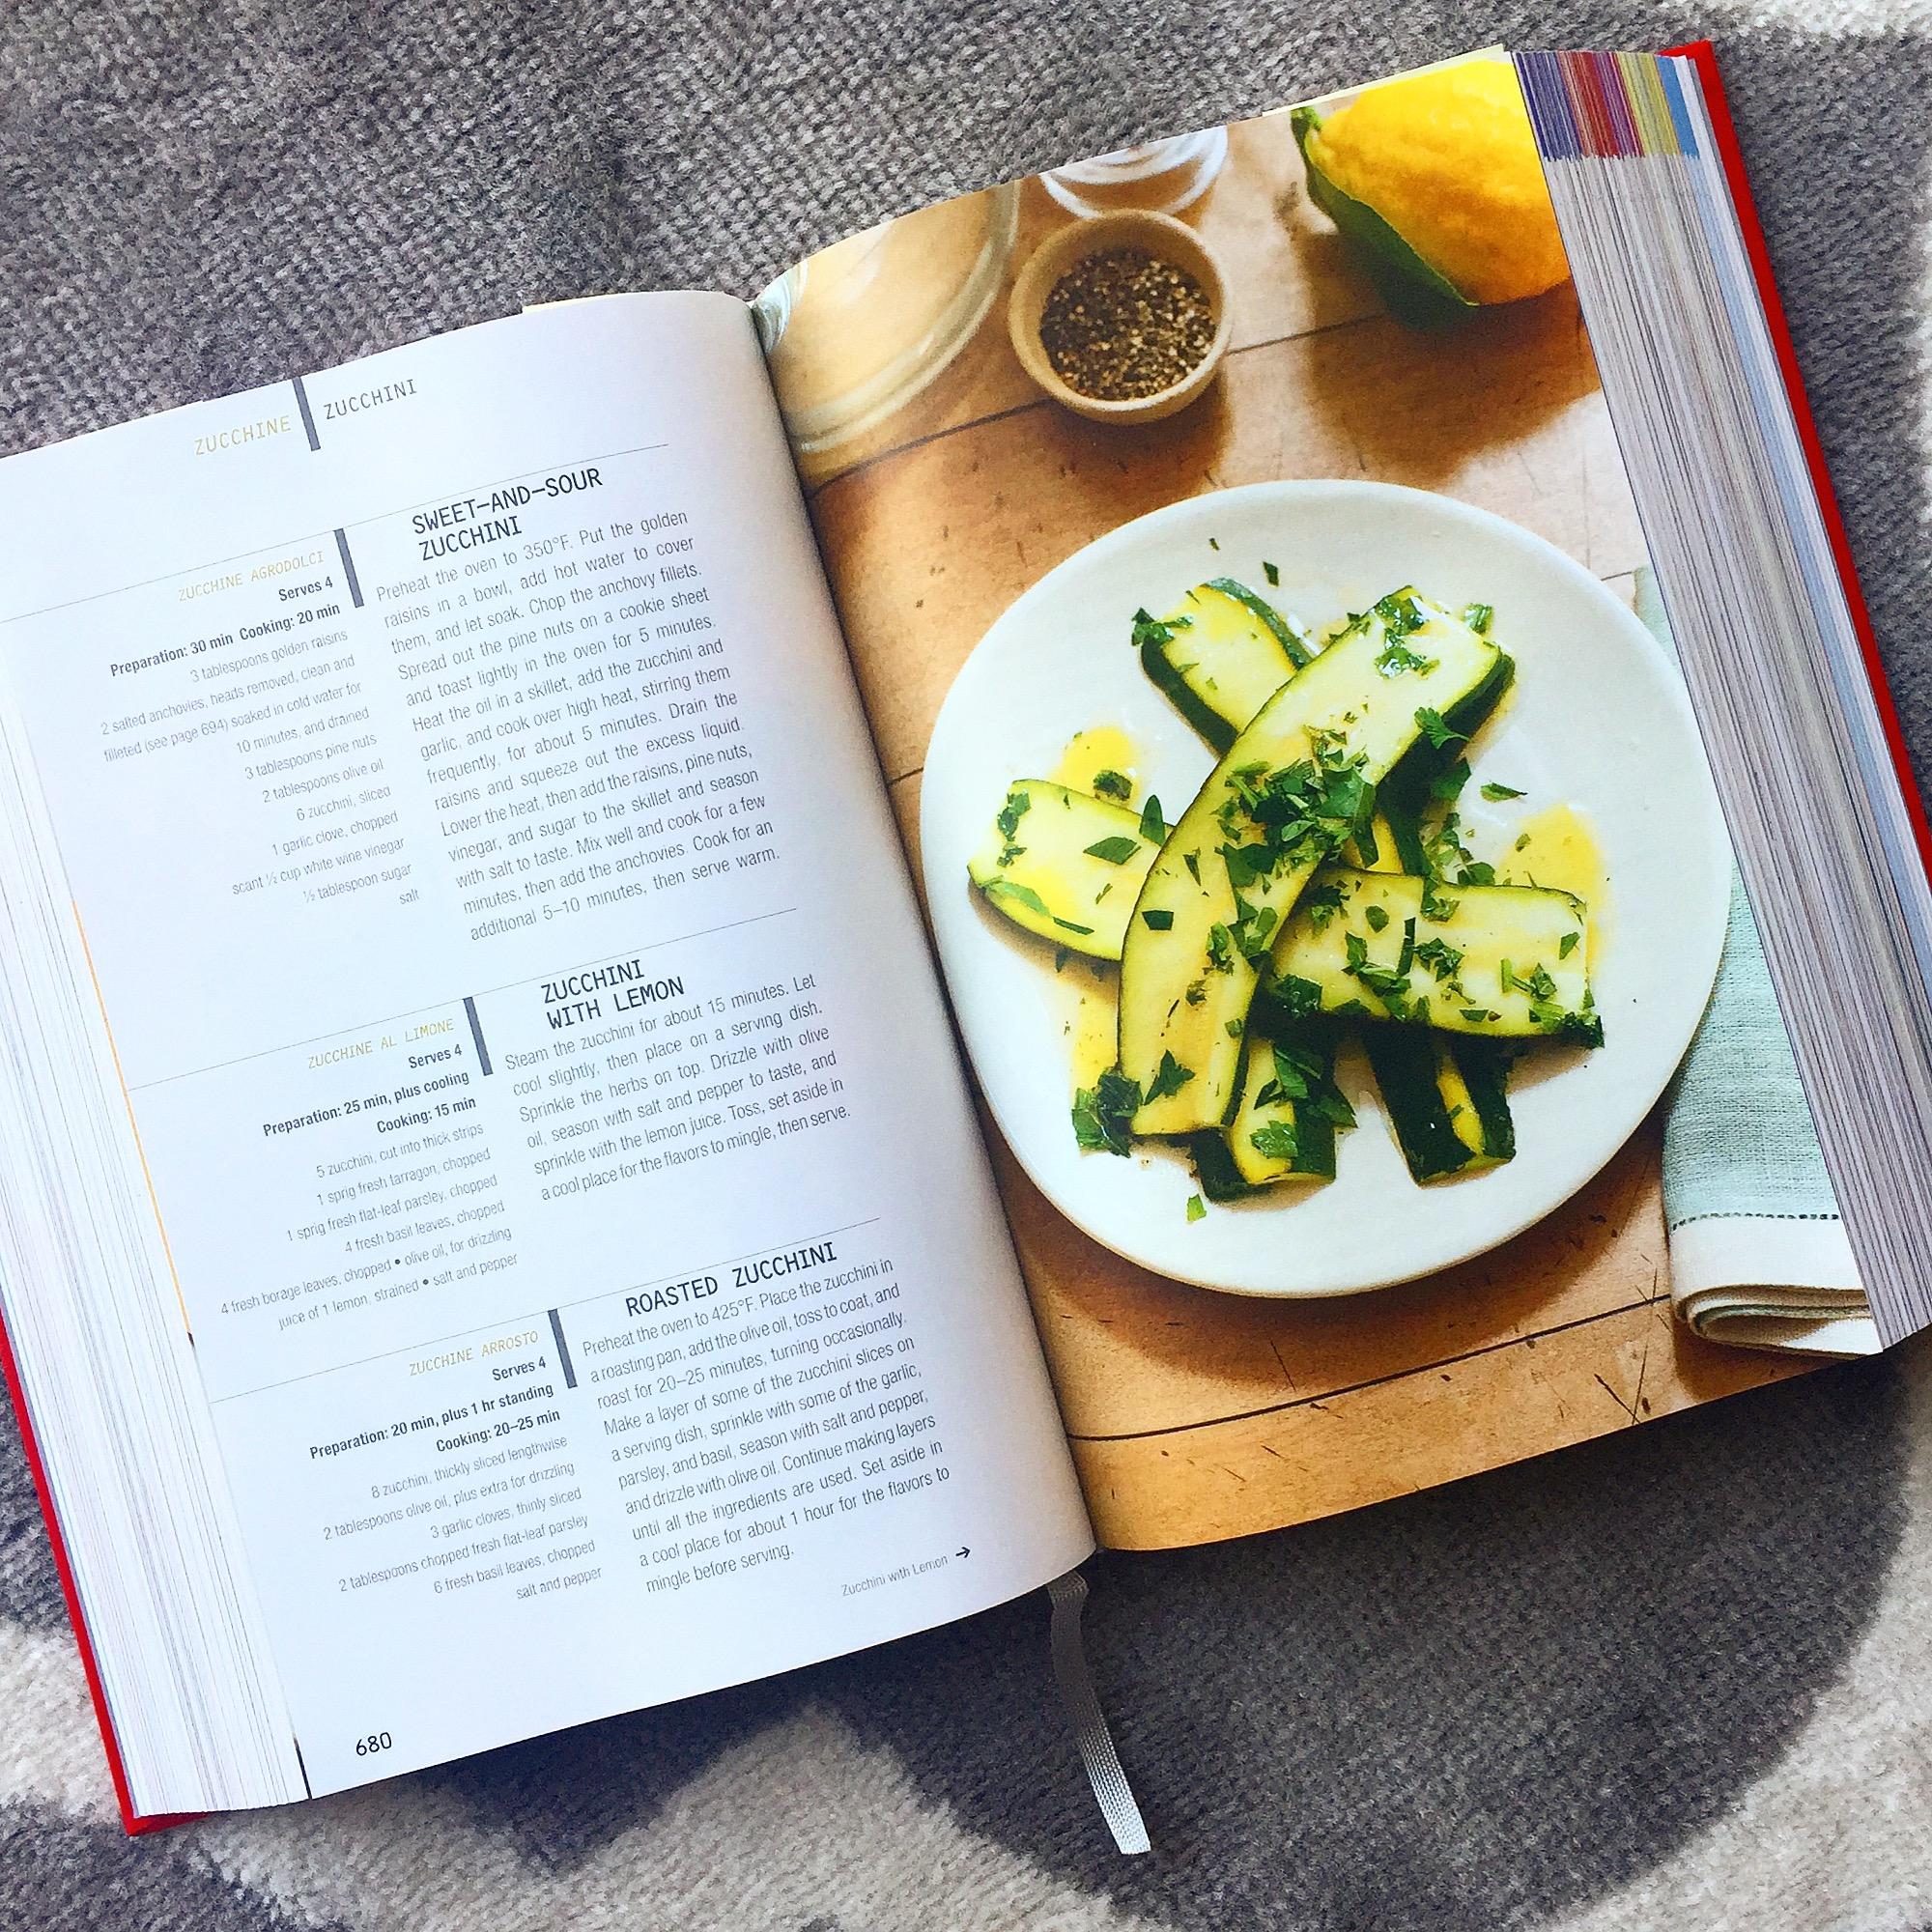 Silver Spoon Zucchini Recipe